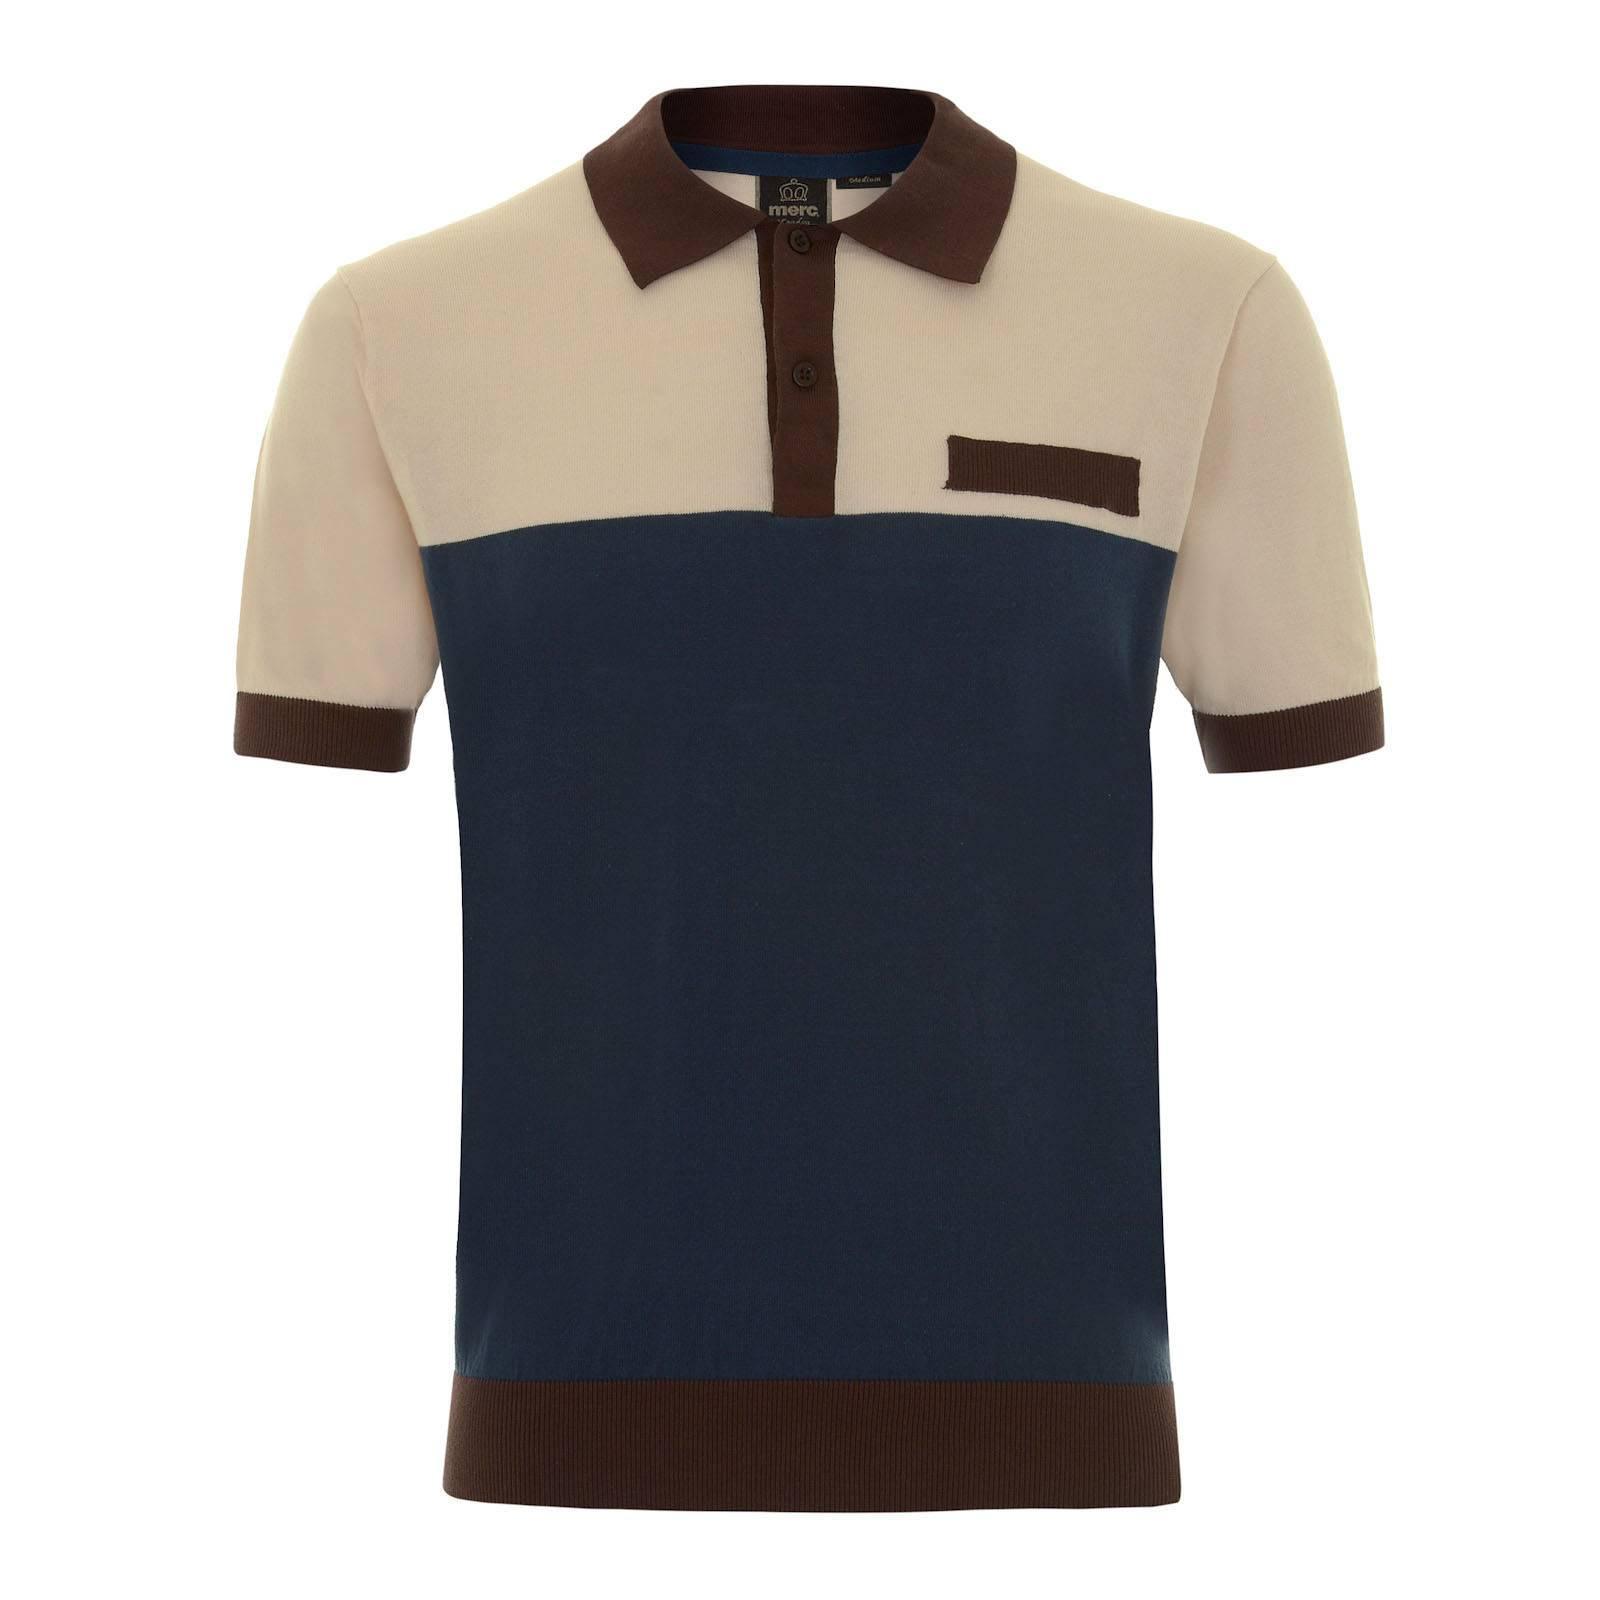 Рубашка Поло MalibuПоло<br>Аутентичное трикотажное мужское поло в ретро стиле из мягкого и тонкого хлопкового материала – оригинальное решение весеннего гардероба в паре с Харрингтоном и отличный вариант на прохладные летние ночи и вечера. Классическое для casual моды 60-70-х цветовое разделение нижней и верхней частей, дополненное контрастным, широко разведенным в стороны воротником, аналогичного цвета отделкой нагрудного кармана, облегающими манжетами и резинкой на талии, образуют правильную геометрию изделия и его лаконичный smart дизайн в концепции modern retro.<br><br>Артикул: 1615101<br>Материал: 100% хлопок<br>Цвет: темно-коричневый<br>Пол: Мужской